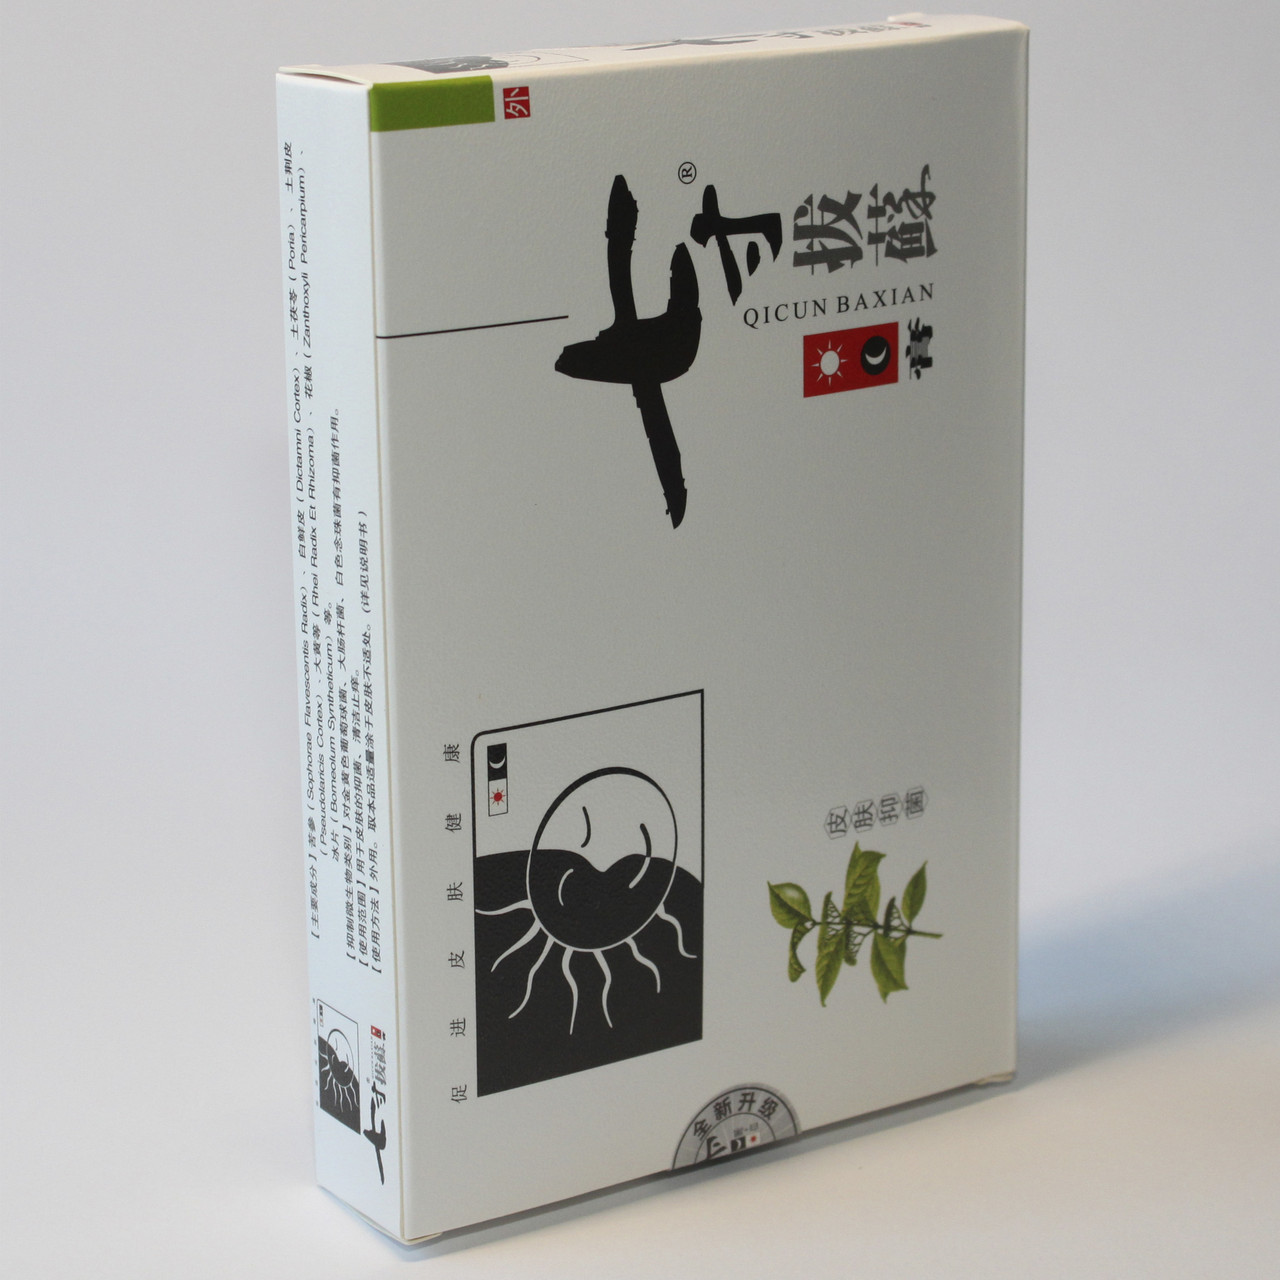 Мазь от псориаза Цикун Баксиан - Qicun Baxian День-Ночь 2 тюбика по 20 г. Крем от псориаза День и Ночь